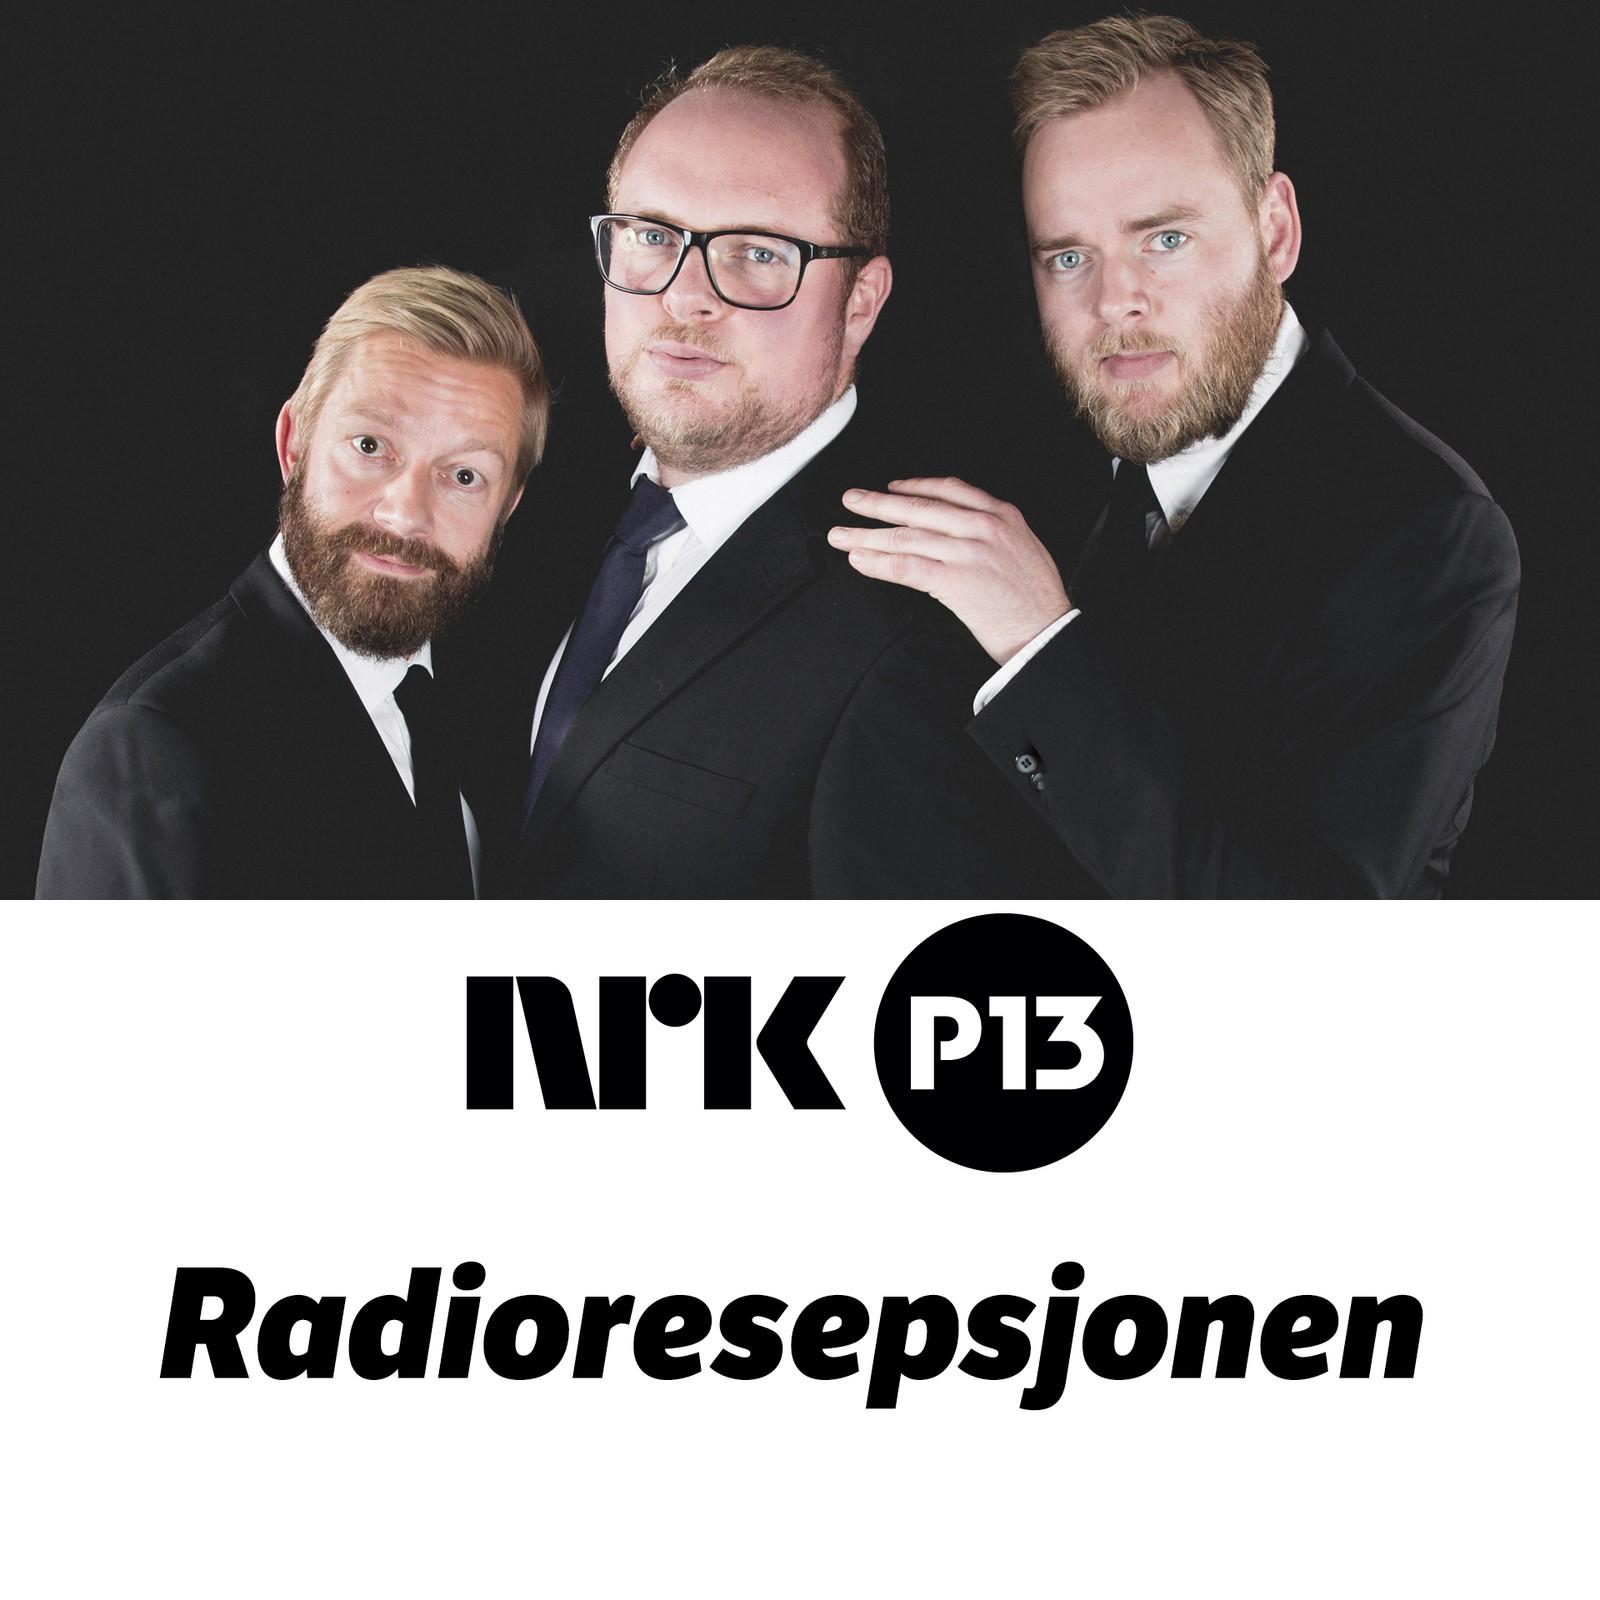 NRK – Radioresepsjonen